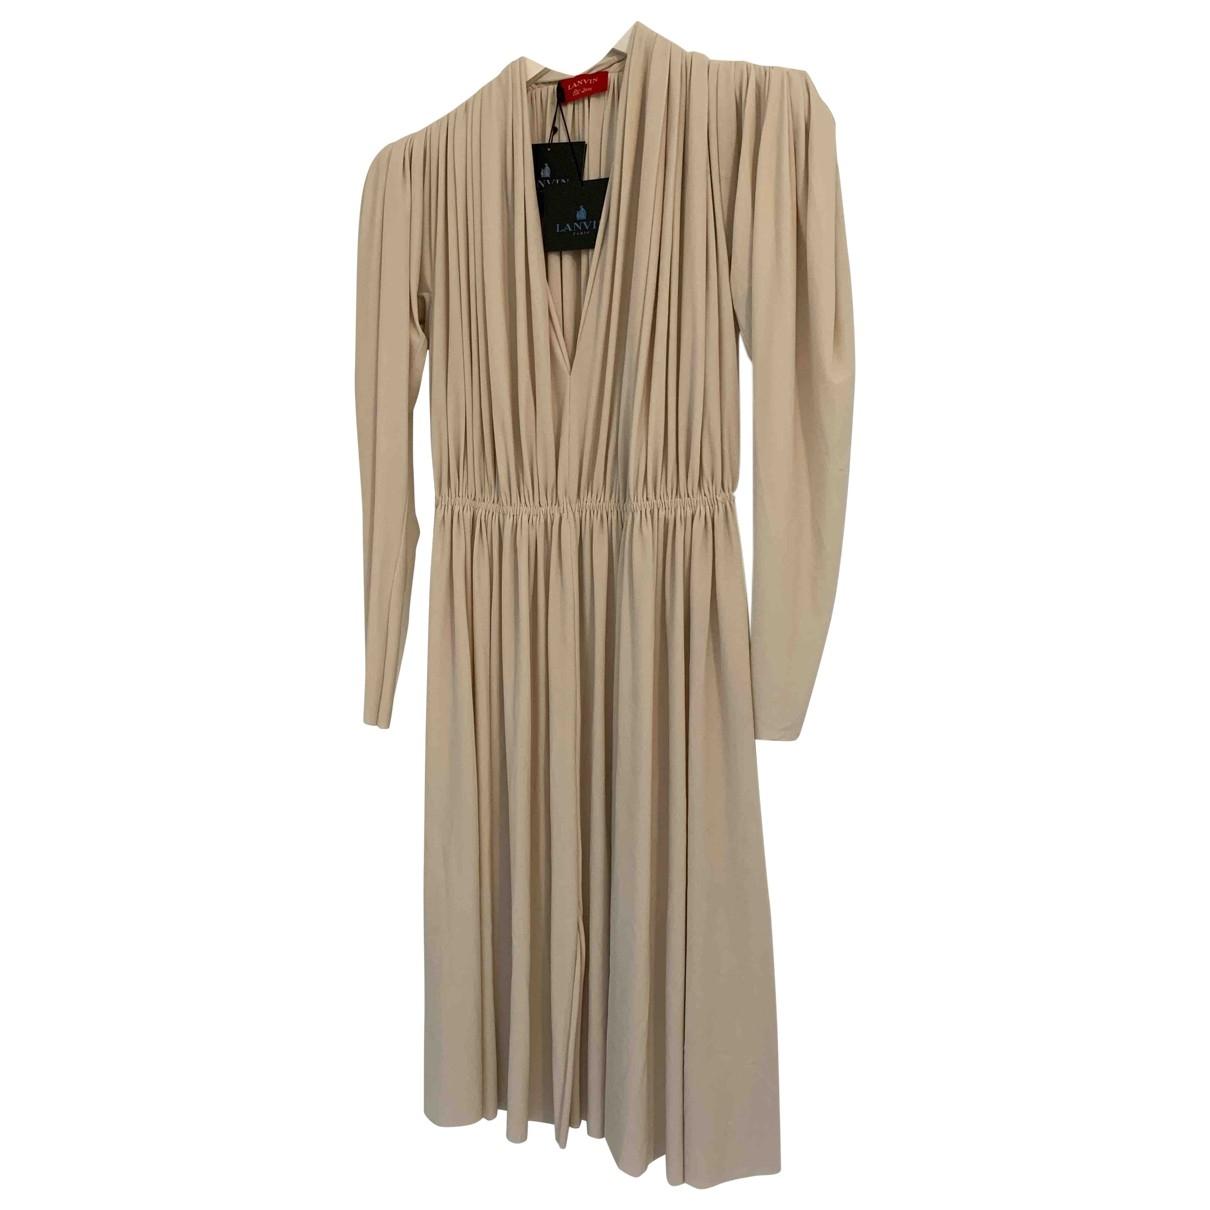 Lanvin \N Kleid in  Beige Baumwolle - Elasthan